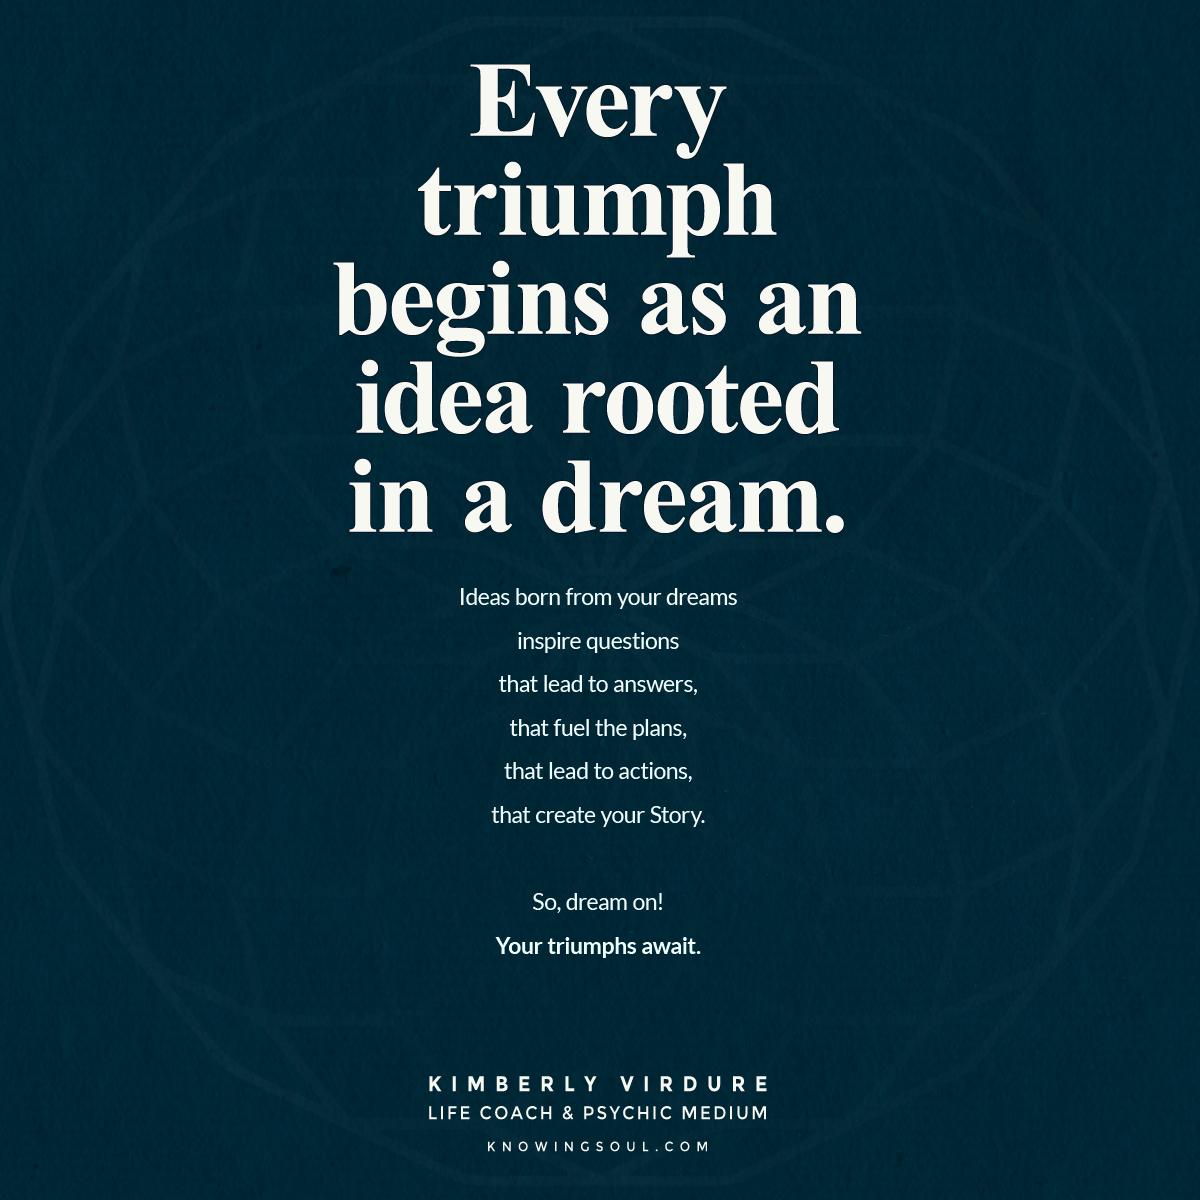 Every Triumph Begins as an Idea